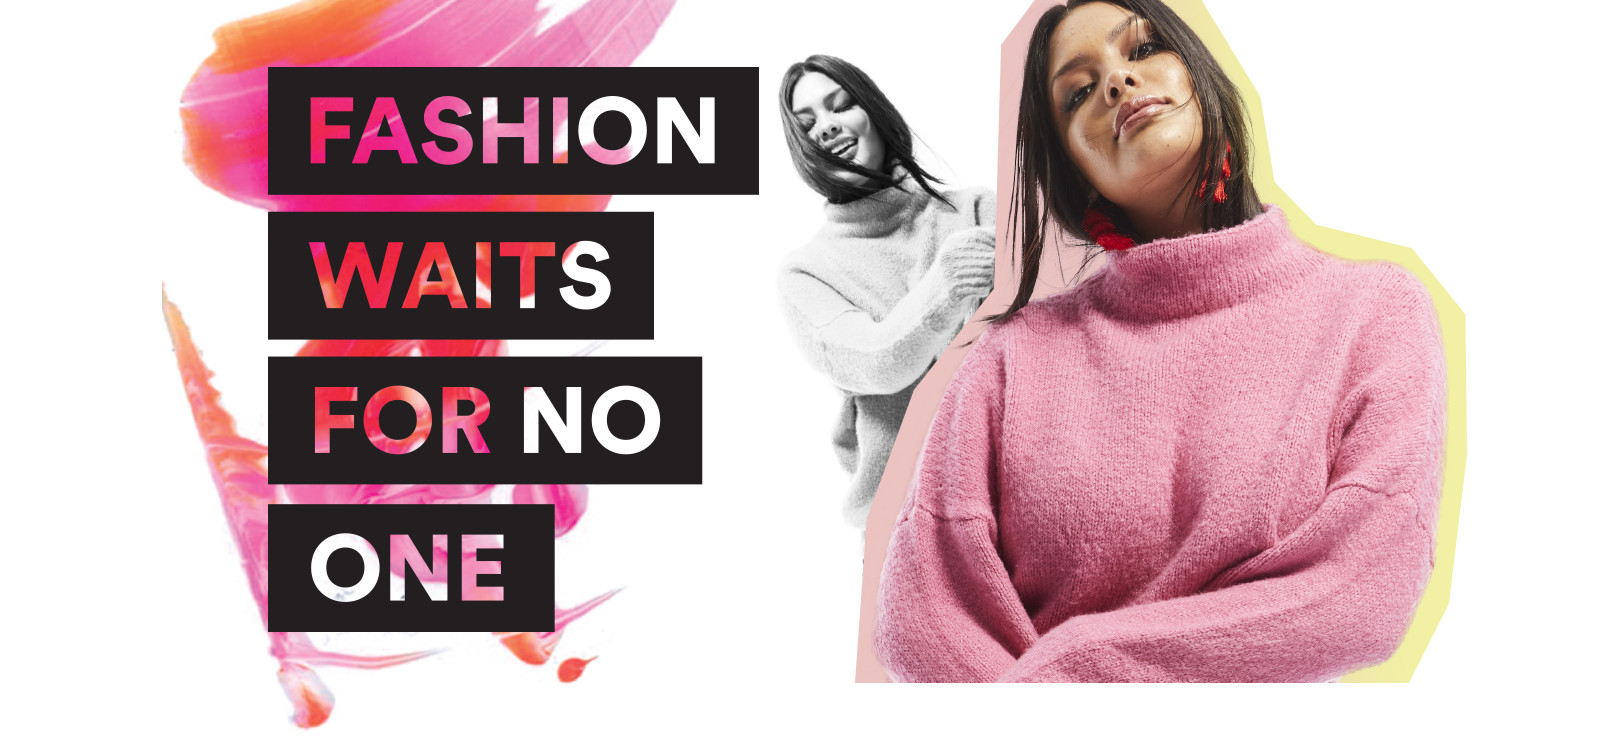 Fashion waits for no one